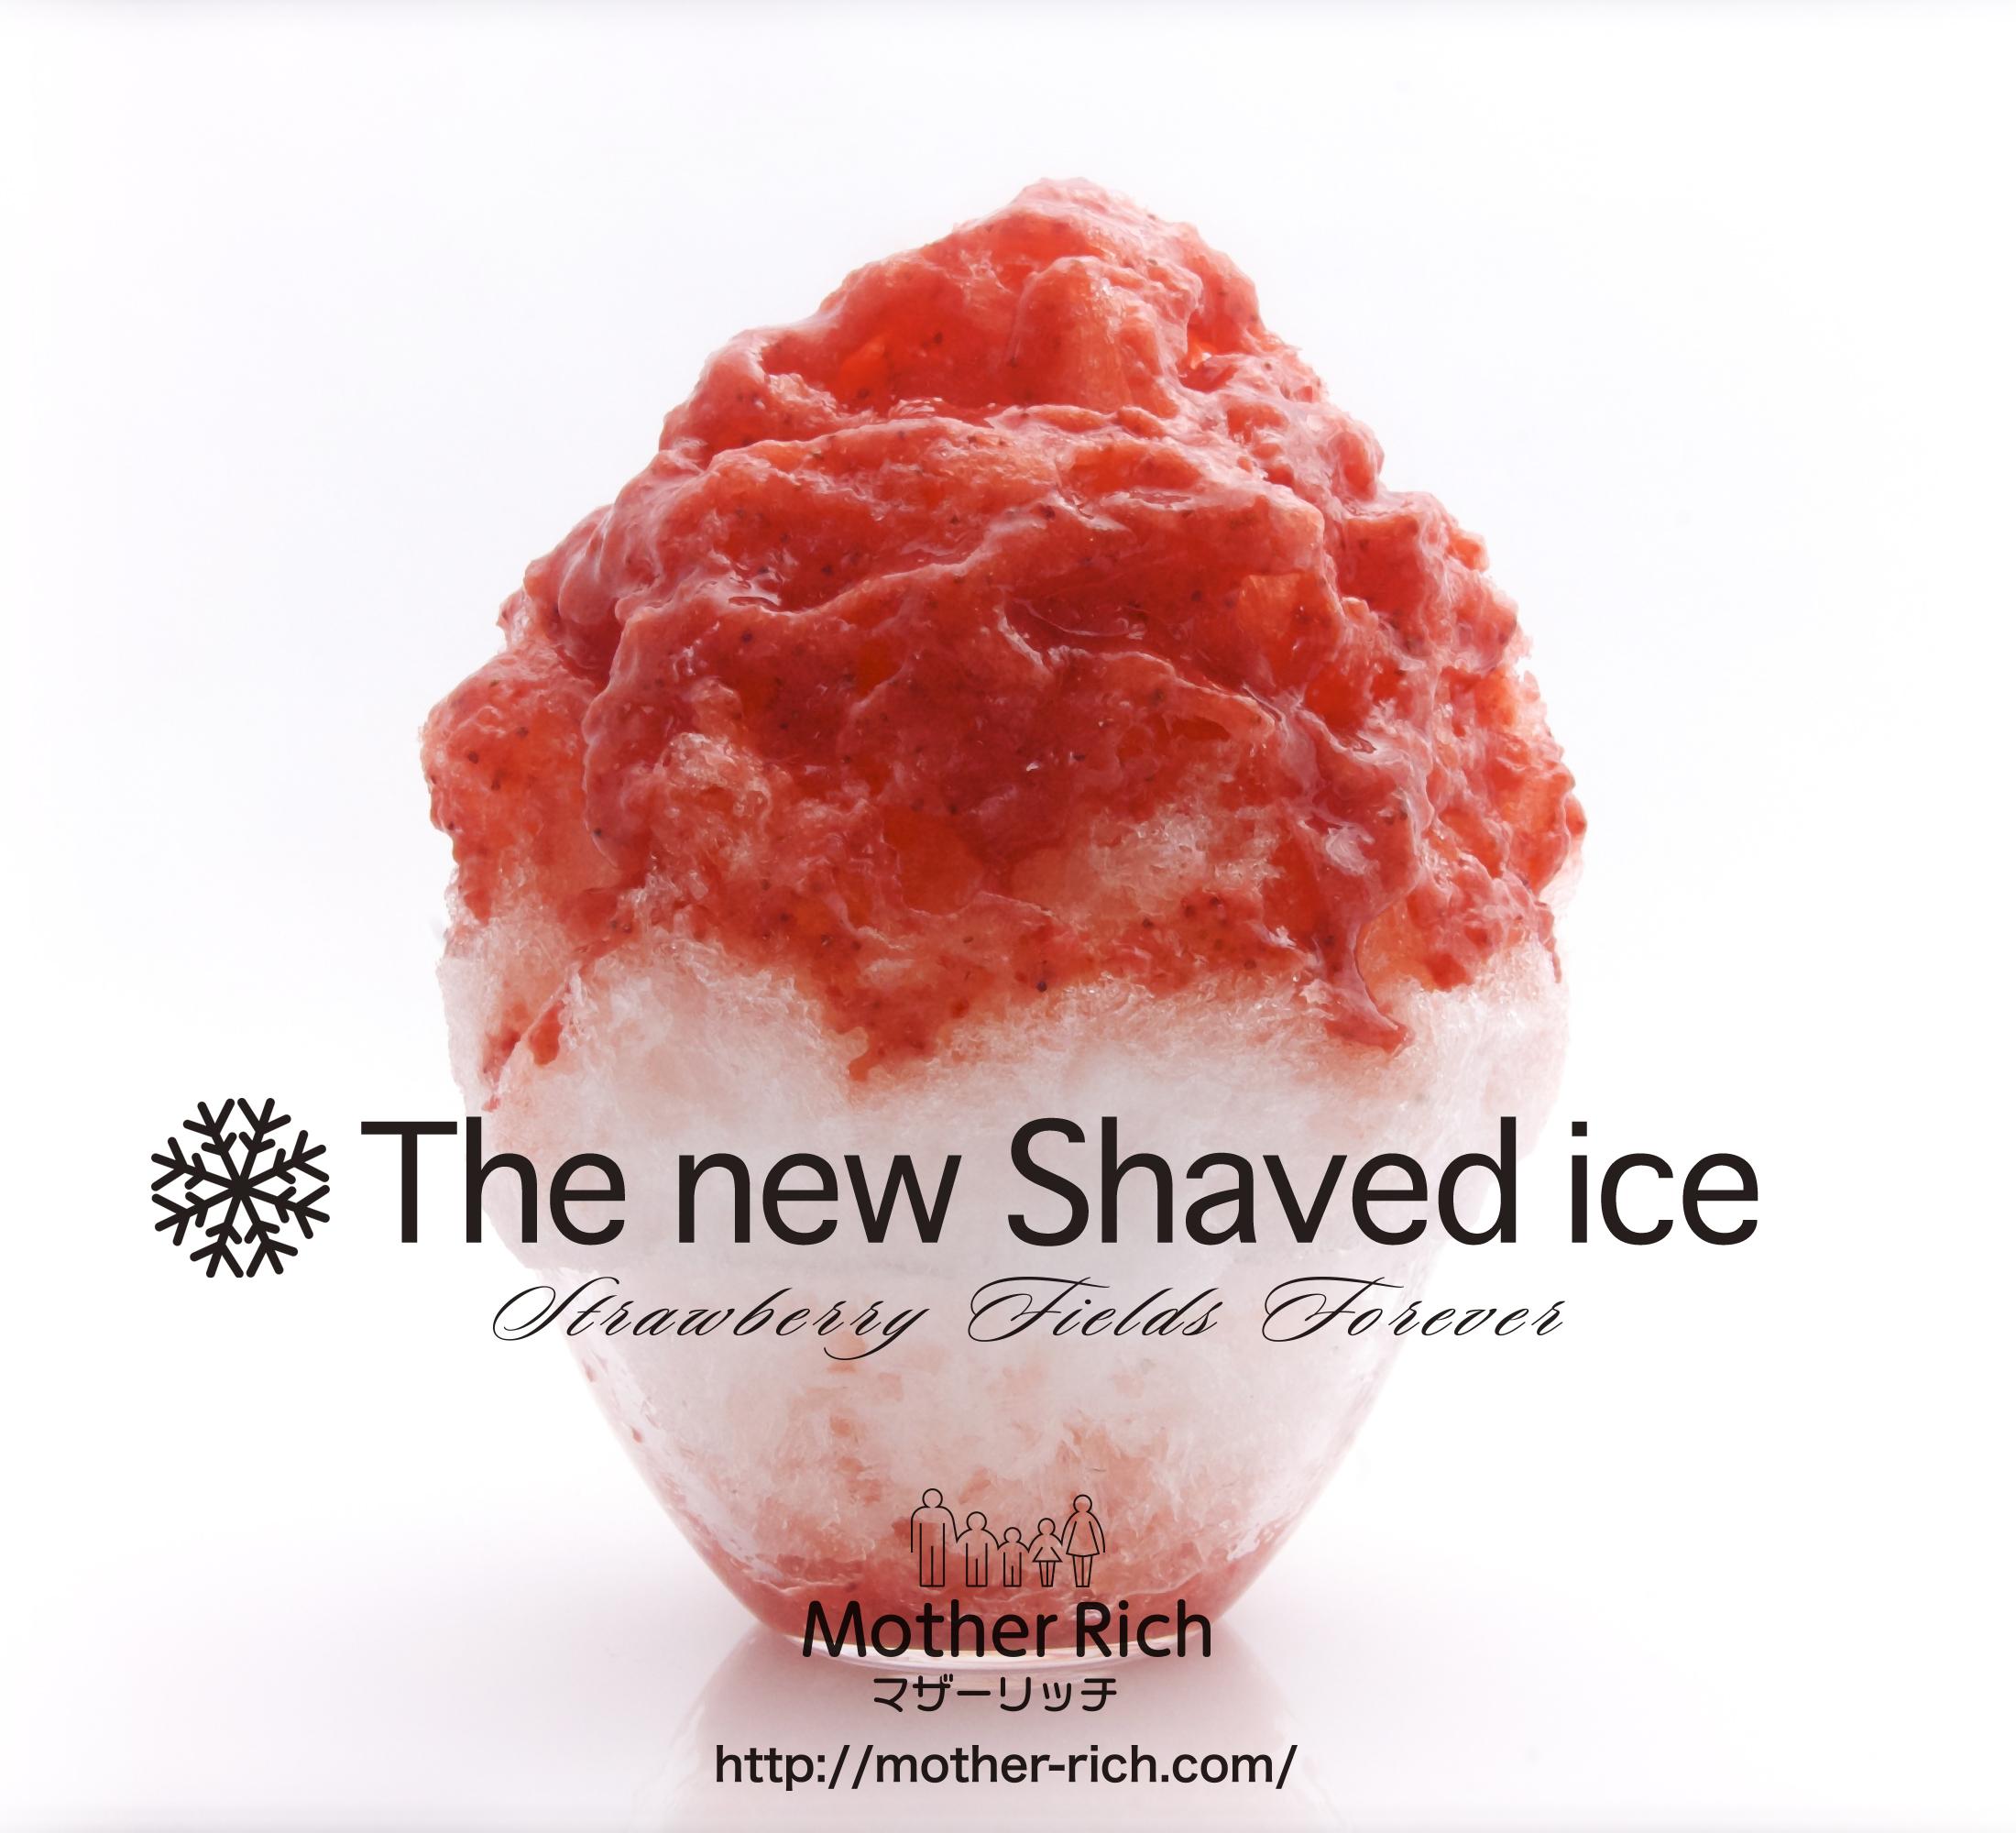 かき氷専門店マザーリッチ